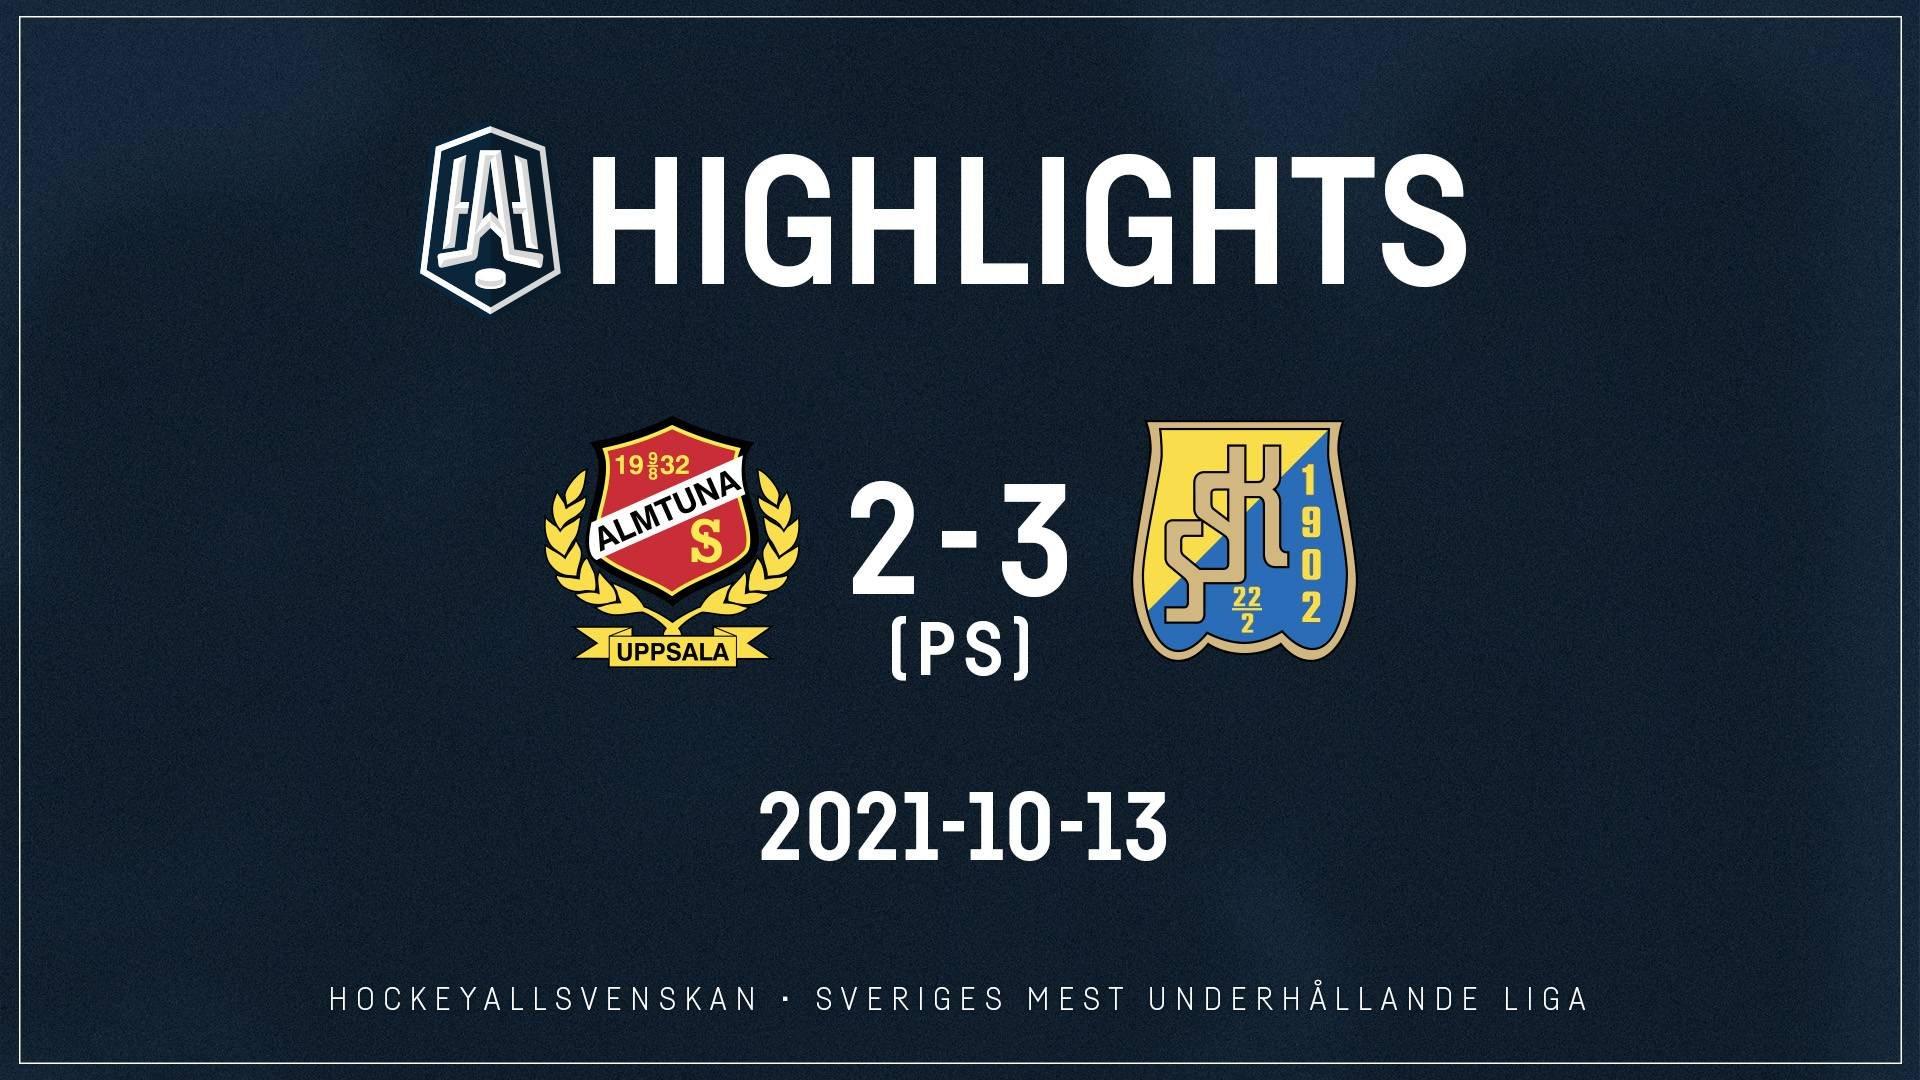 2021-10-13 Almtuna - Södertälje 2-3 (PS)